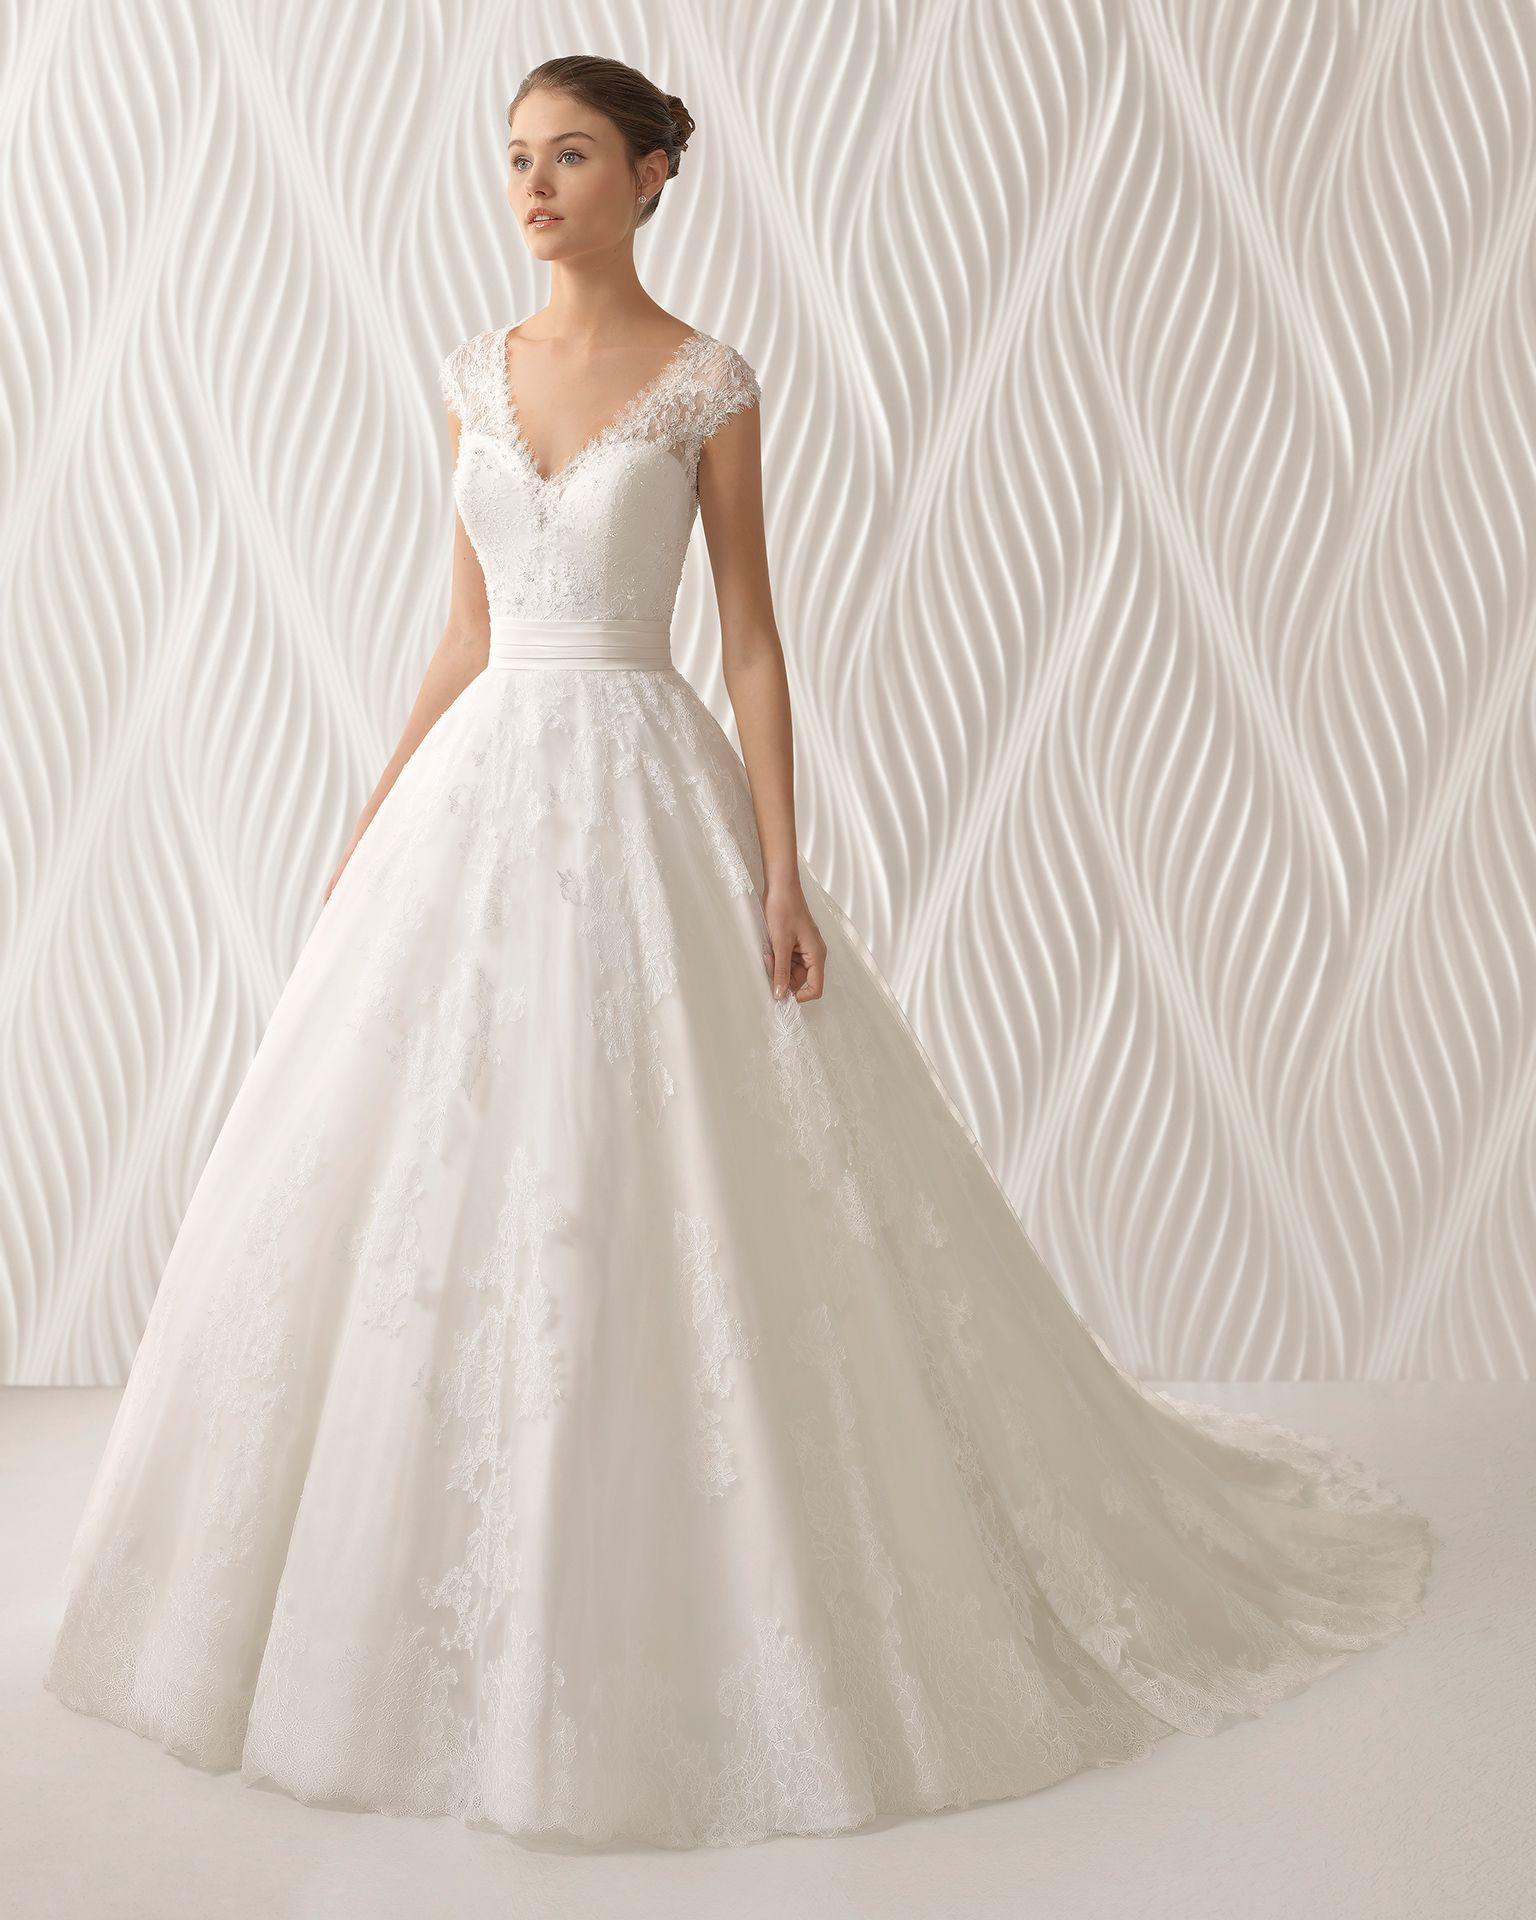 6b00b48a4e3c Abito da sposa stile principessa in pizzo con strass e tulle